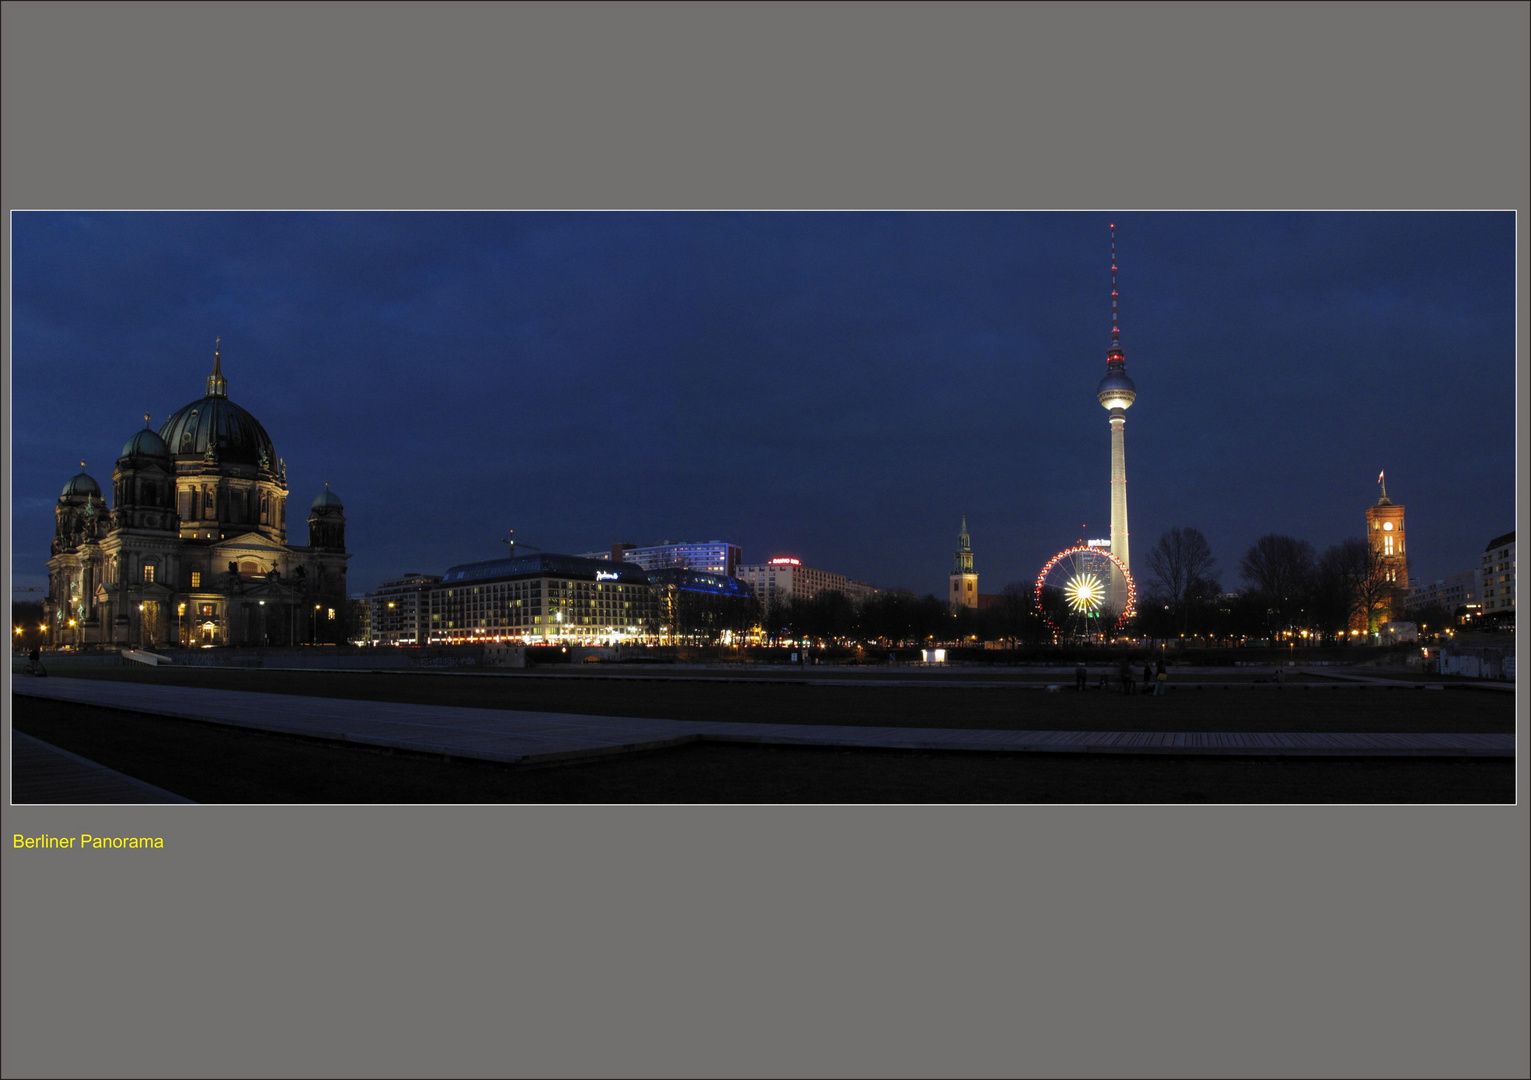 Berliner Panorama